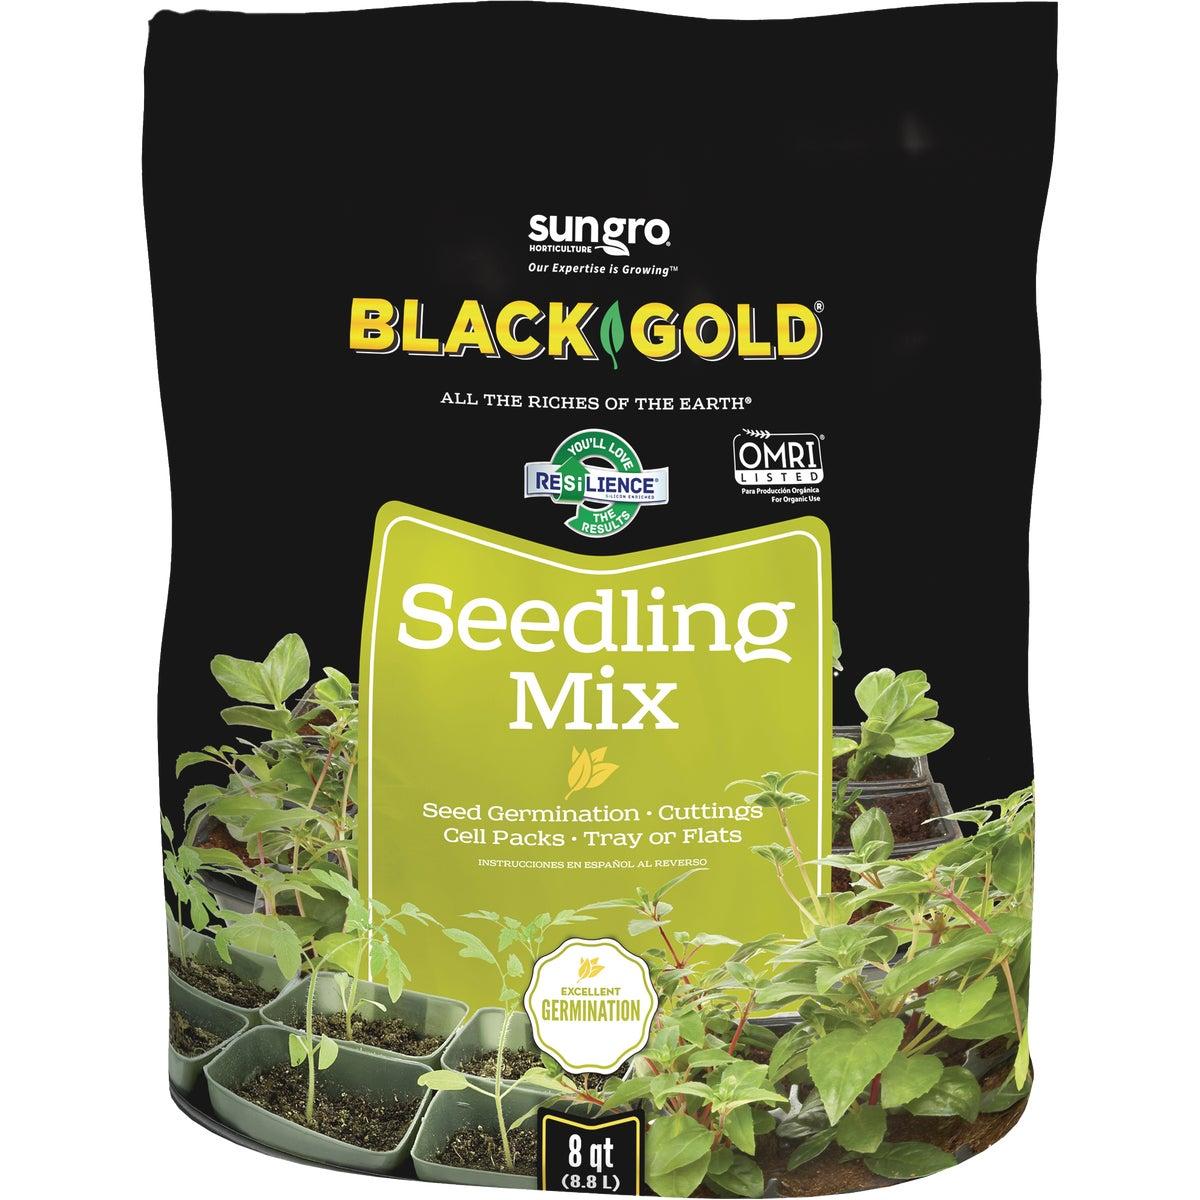 16QT BG SEEDLING SOIL - 1411002.Q16P by Sun Gro Horticulture